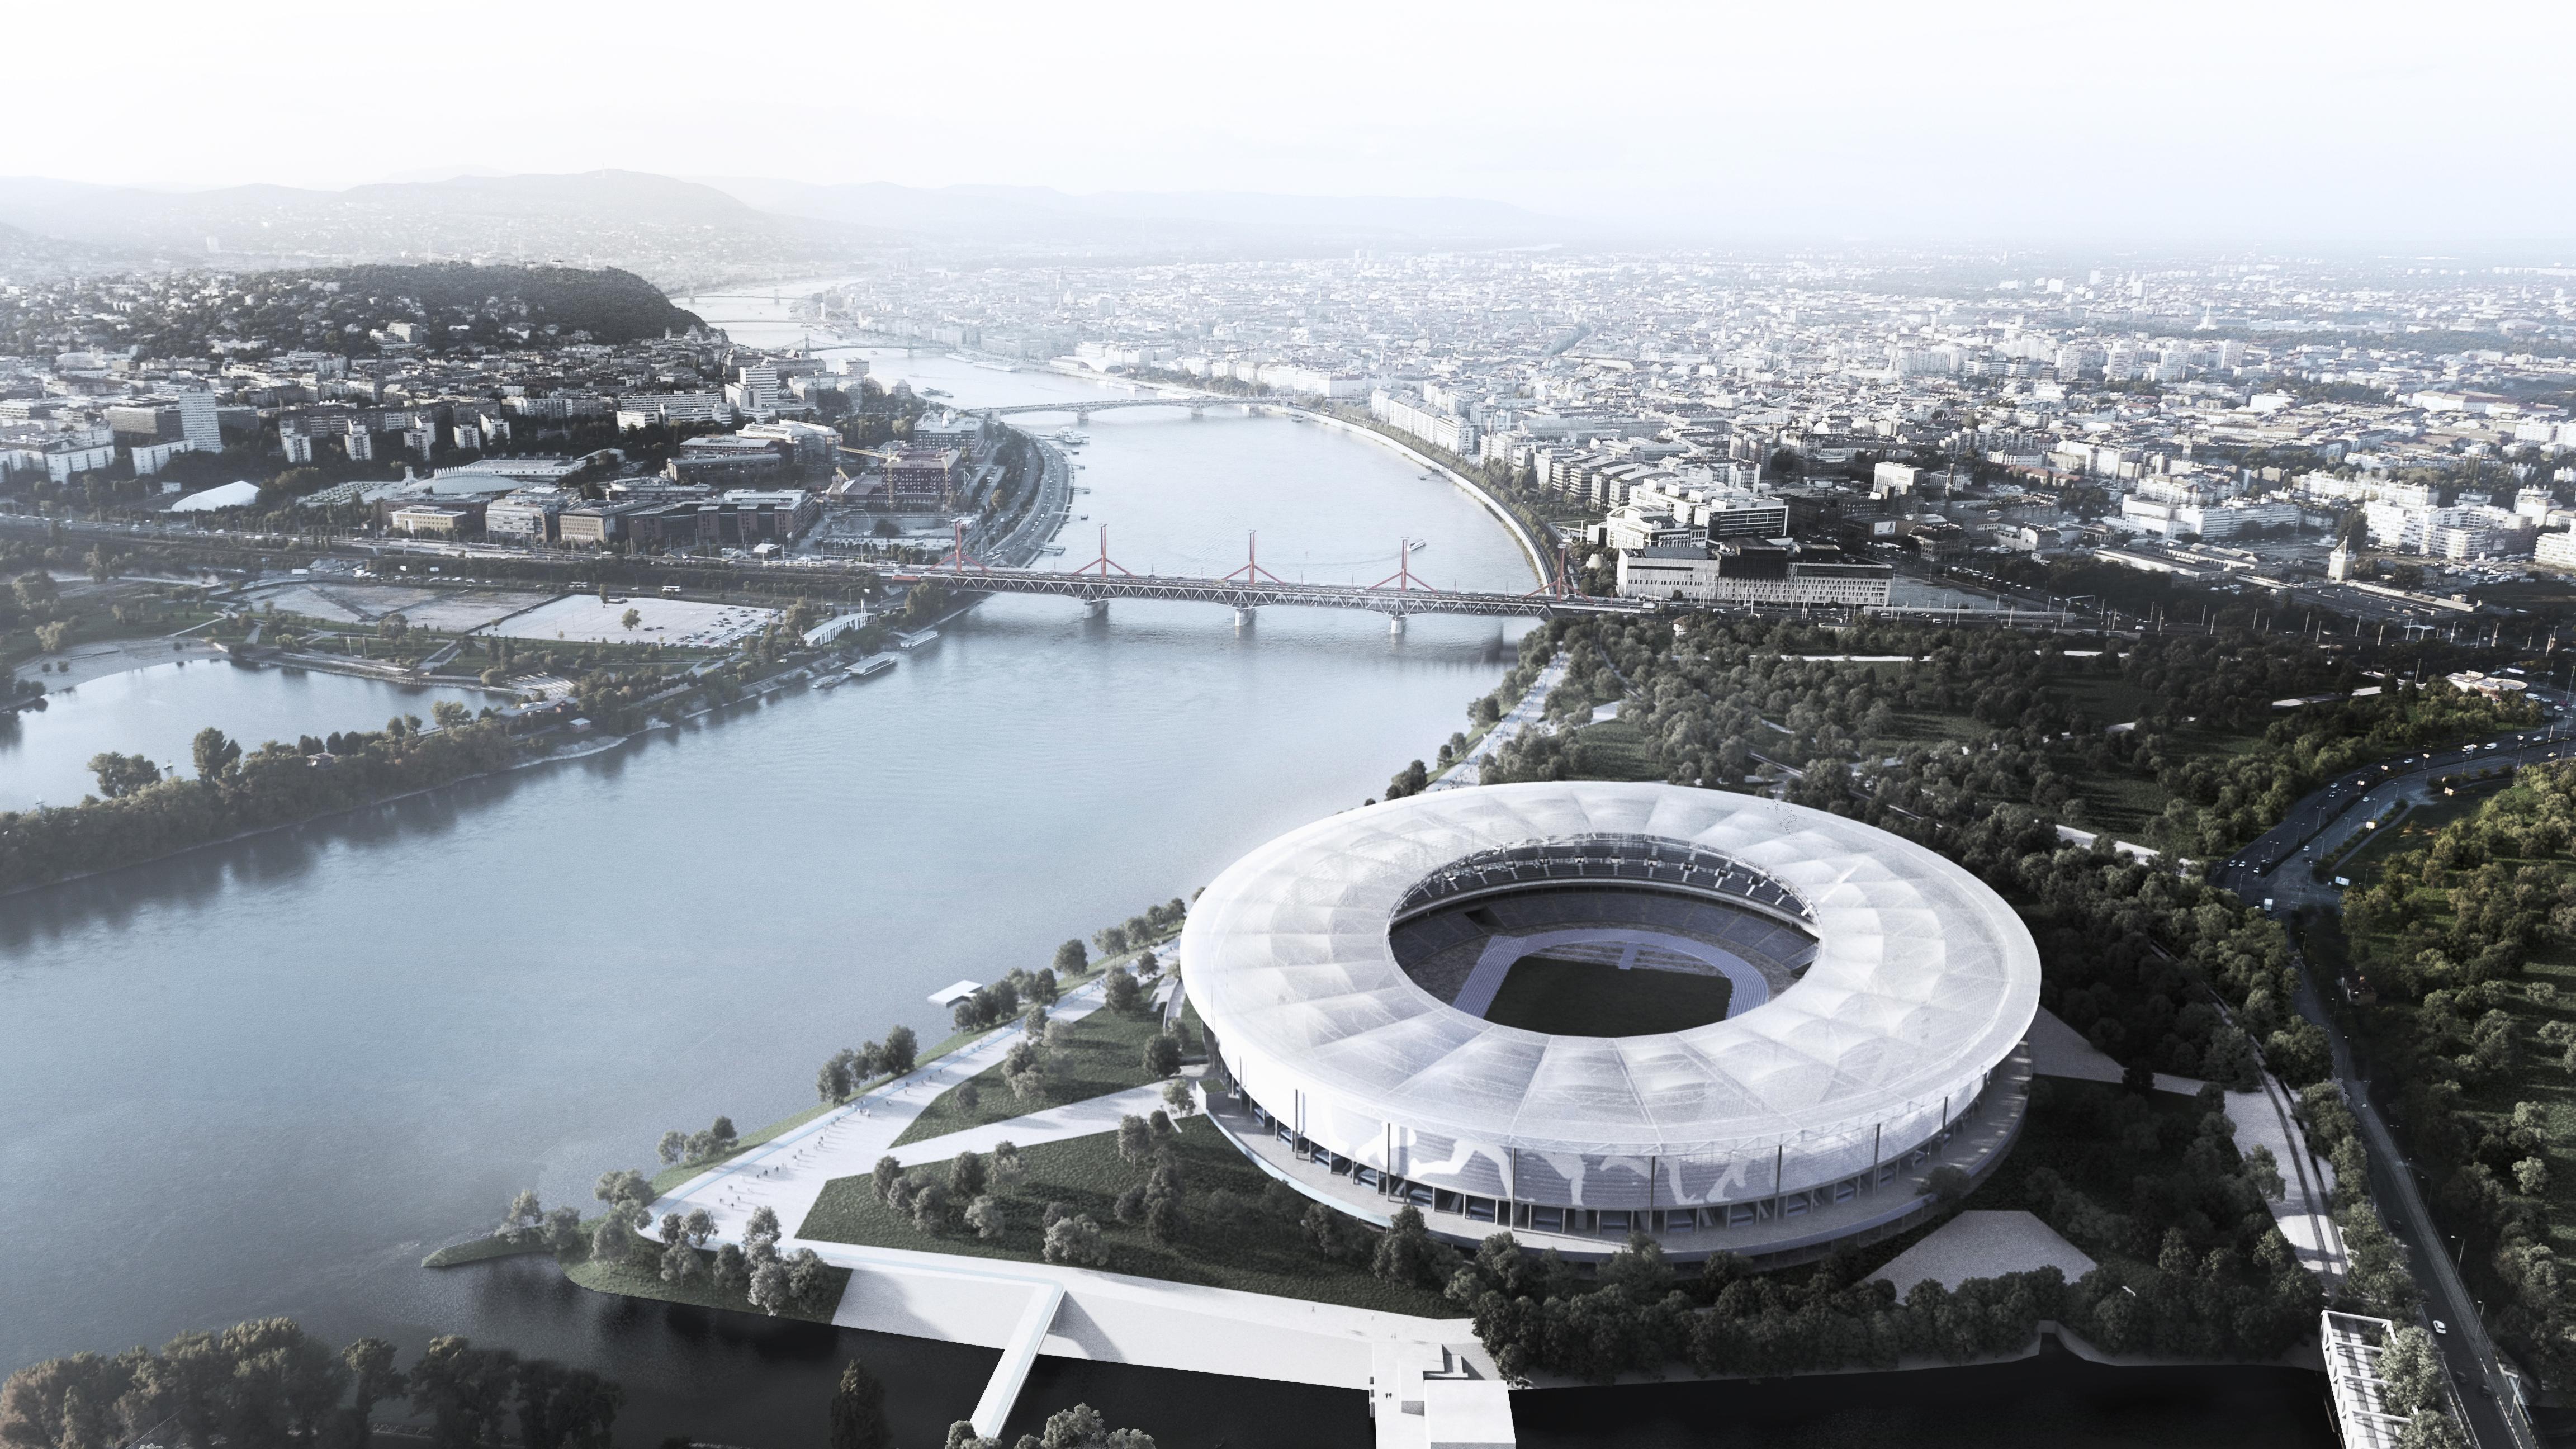 A kormány az utolsó pillanatban fogadta el Budapest feltételeit az atlétikai vébéről